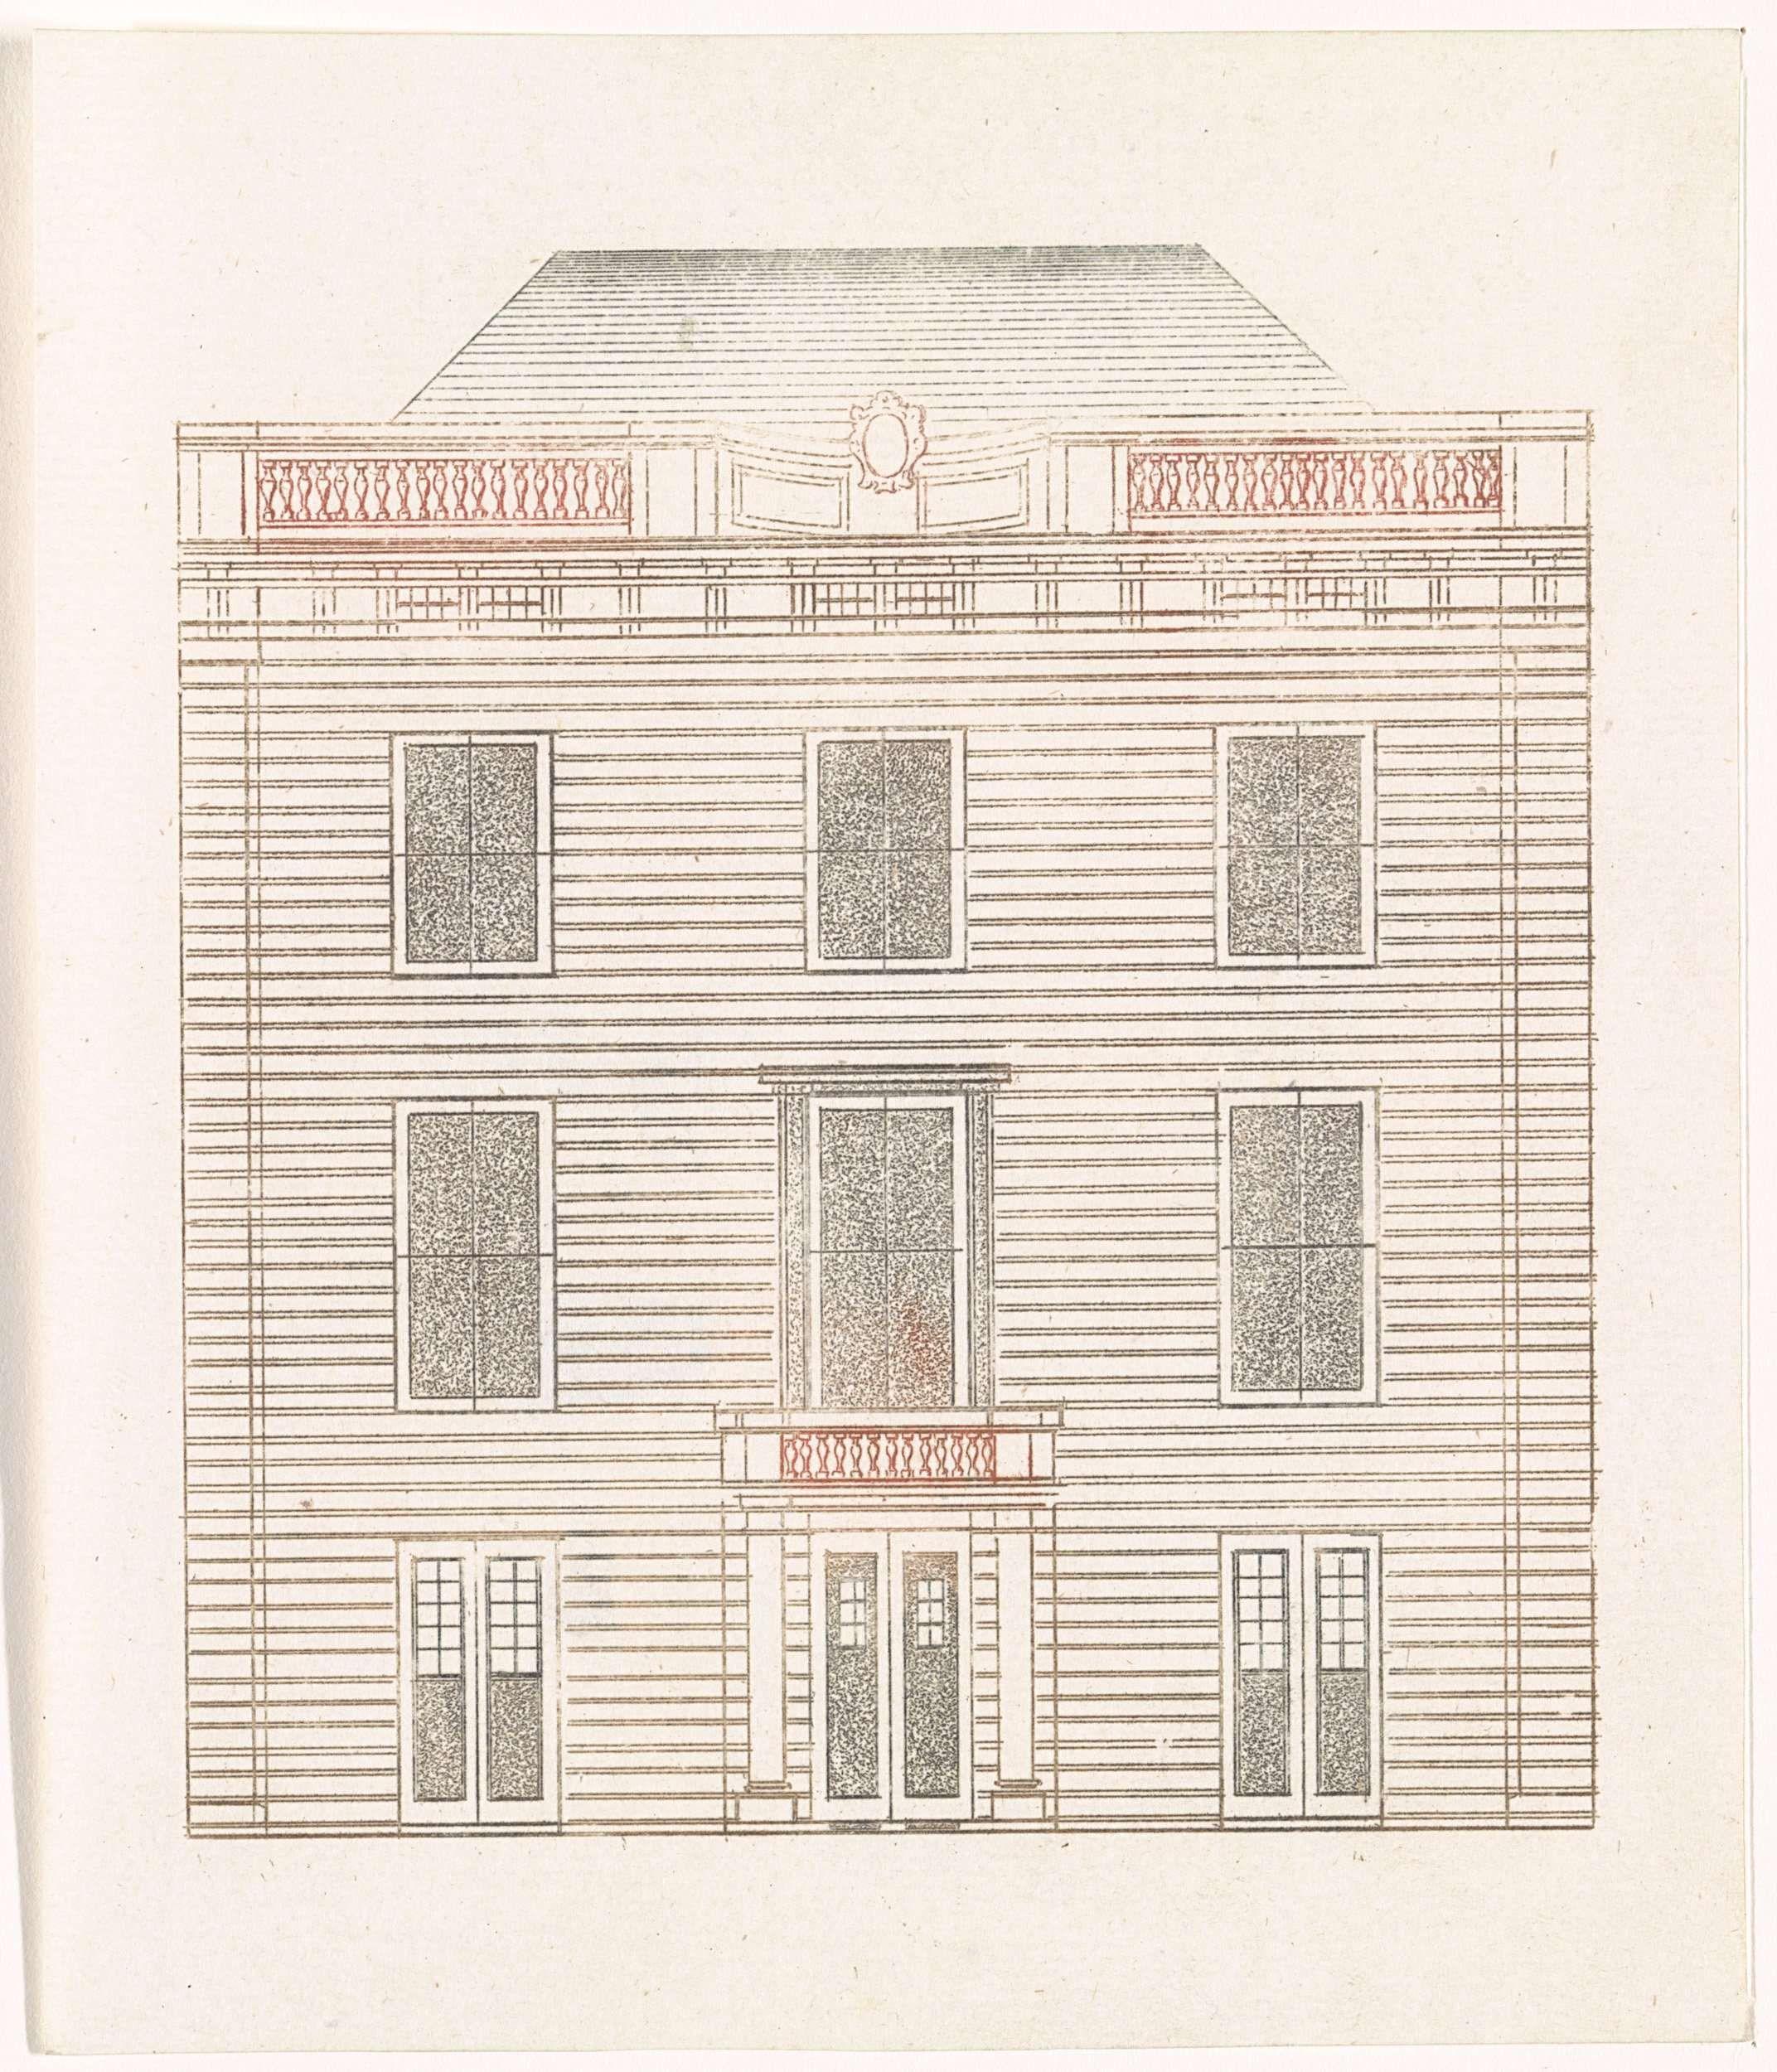 Anonymous | Gevel van een Amsterdams huis aan de Amstel, Anonymous, Cornelis Danckerts (II), Johan Teyler, 1696 - 1706 | Gevels van Amsterdamse huis aan de Amstel, nummer 216.